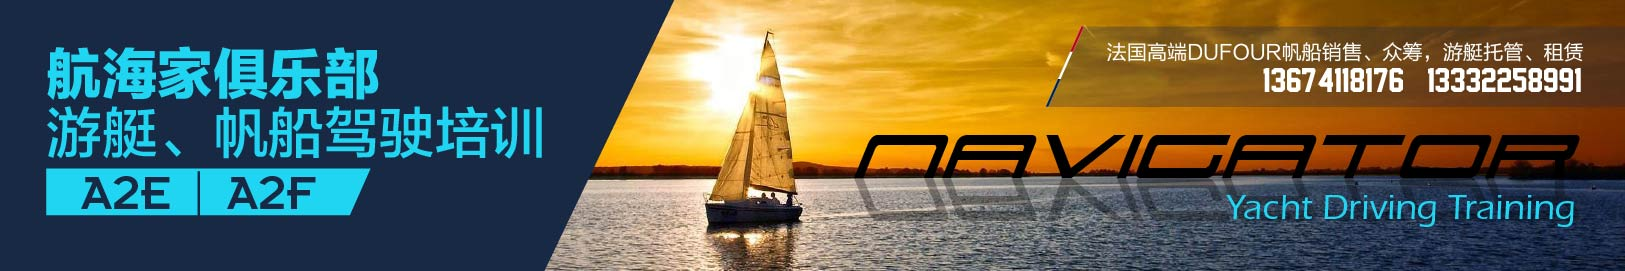 航海家游艇俱乐部